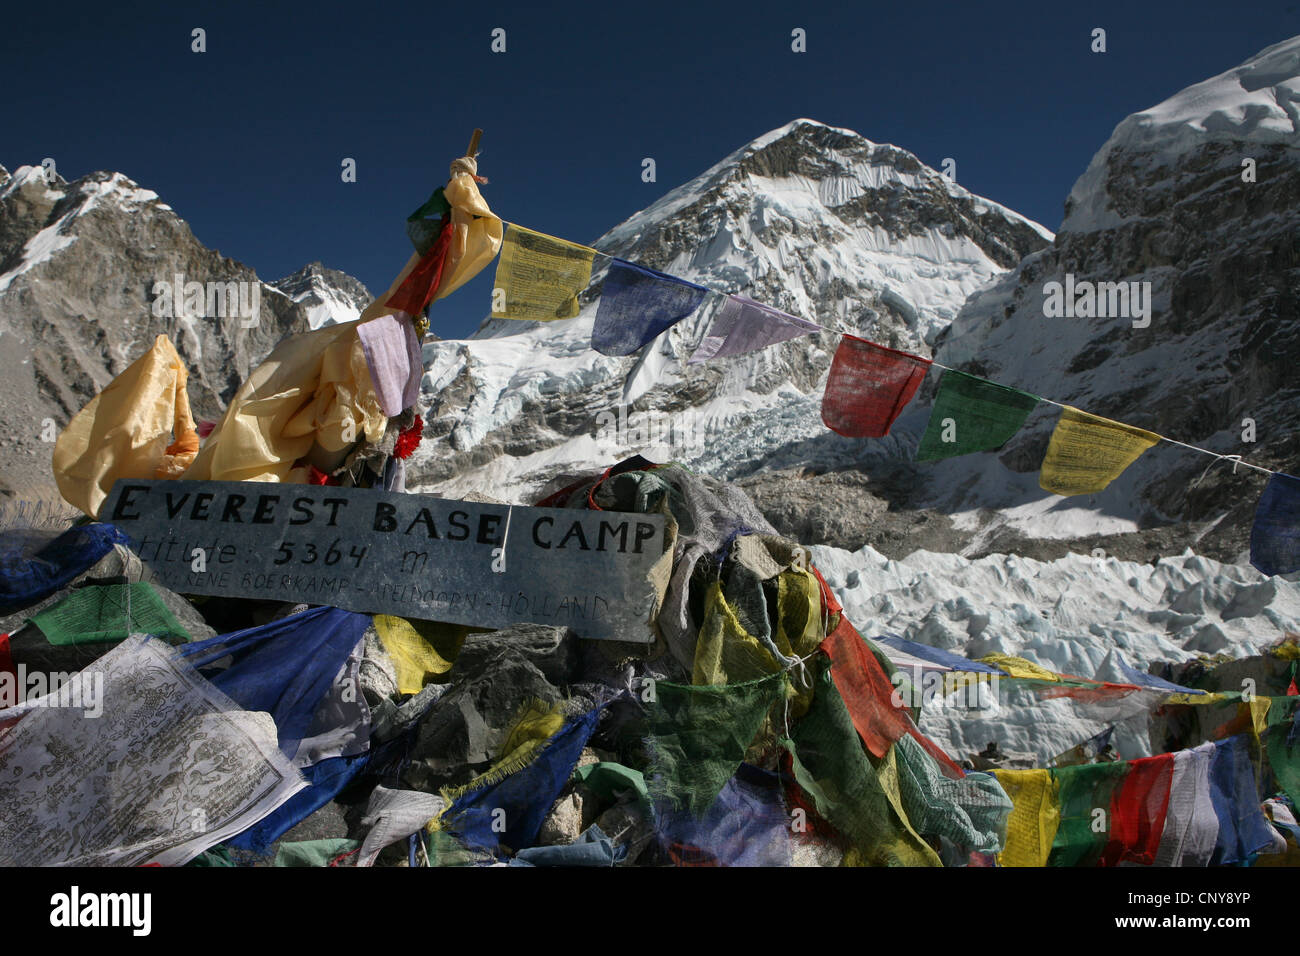 Buddhistische Gebetsfahnen im Everest Base Camp (5.364 m) in der Khumbu-Region im Himalaya, Nepal. Stockbild